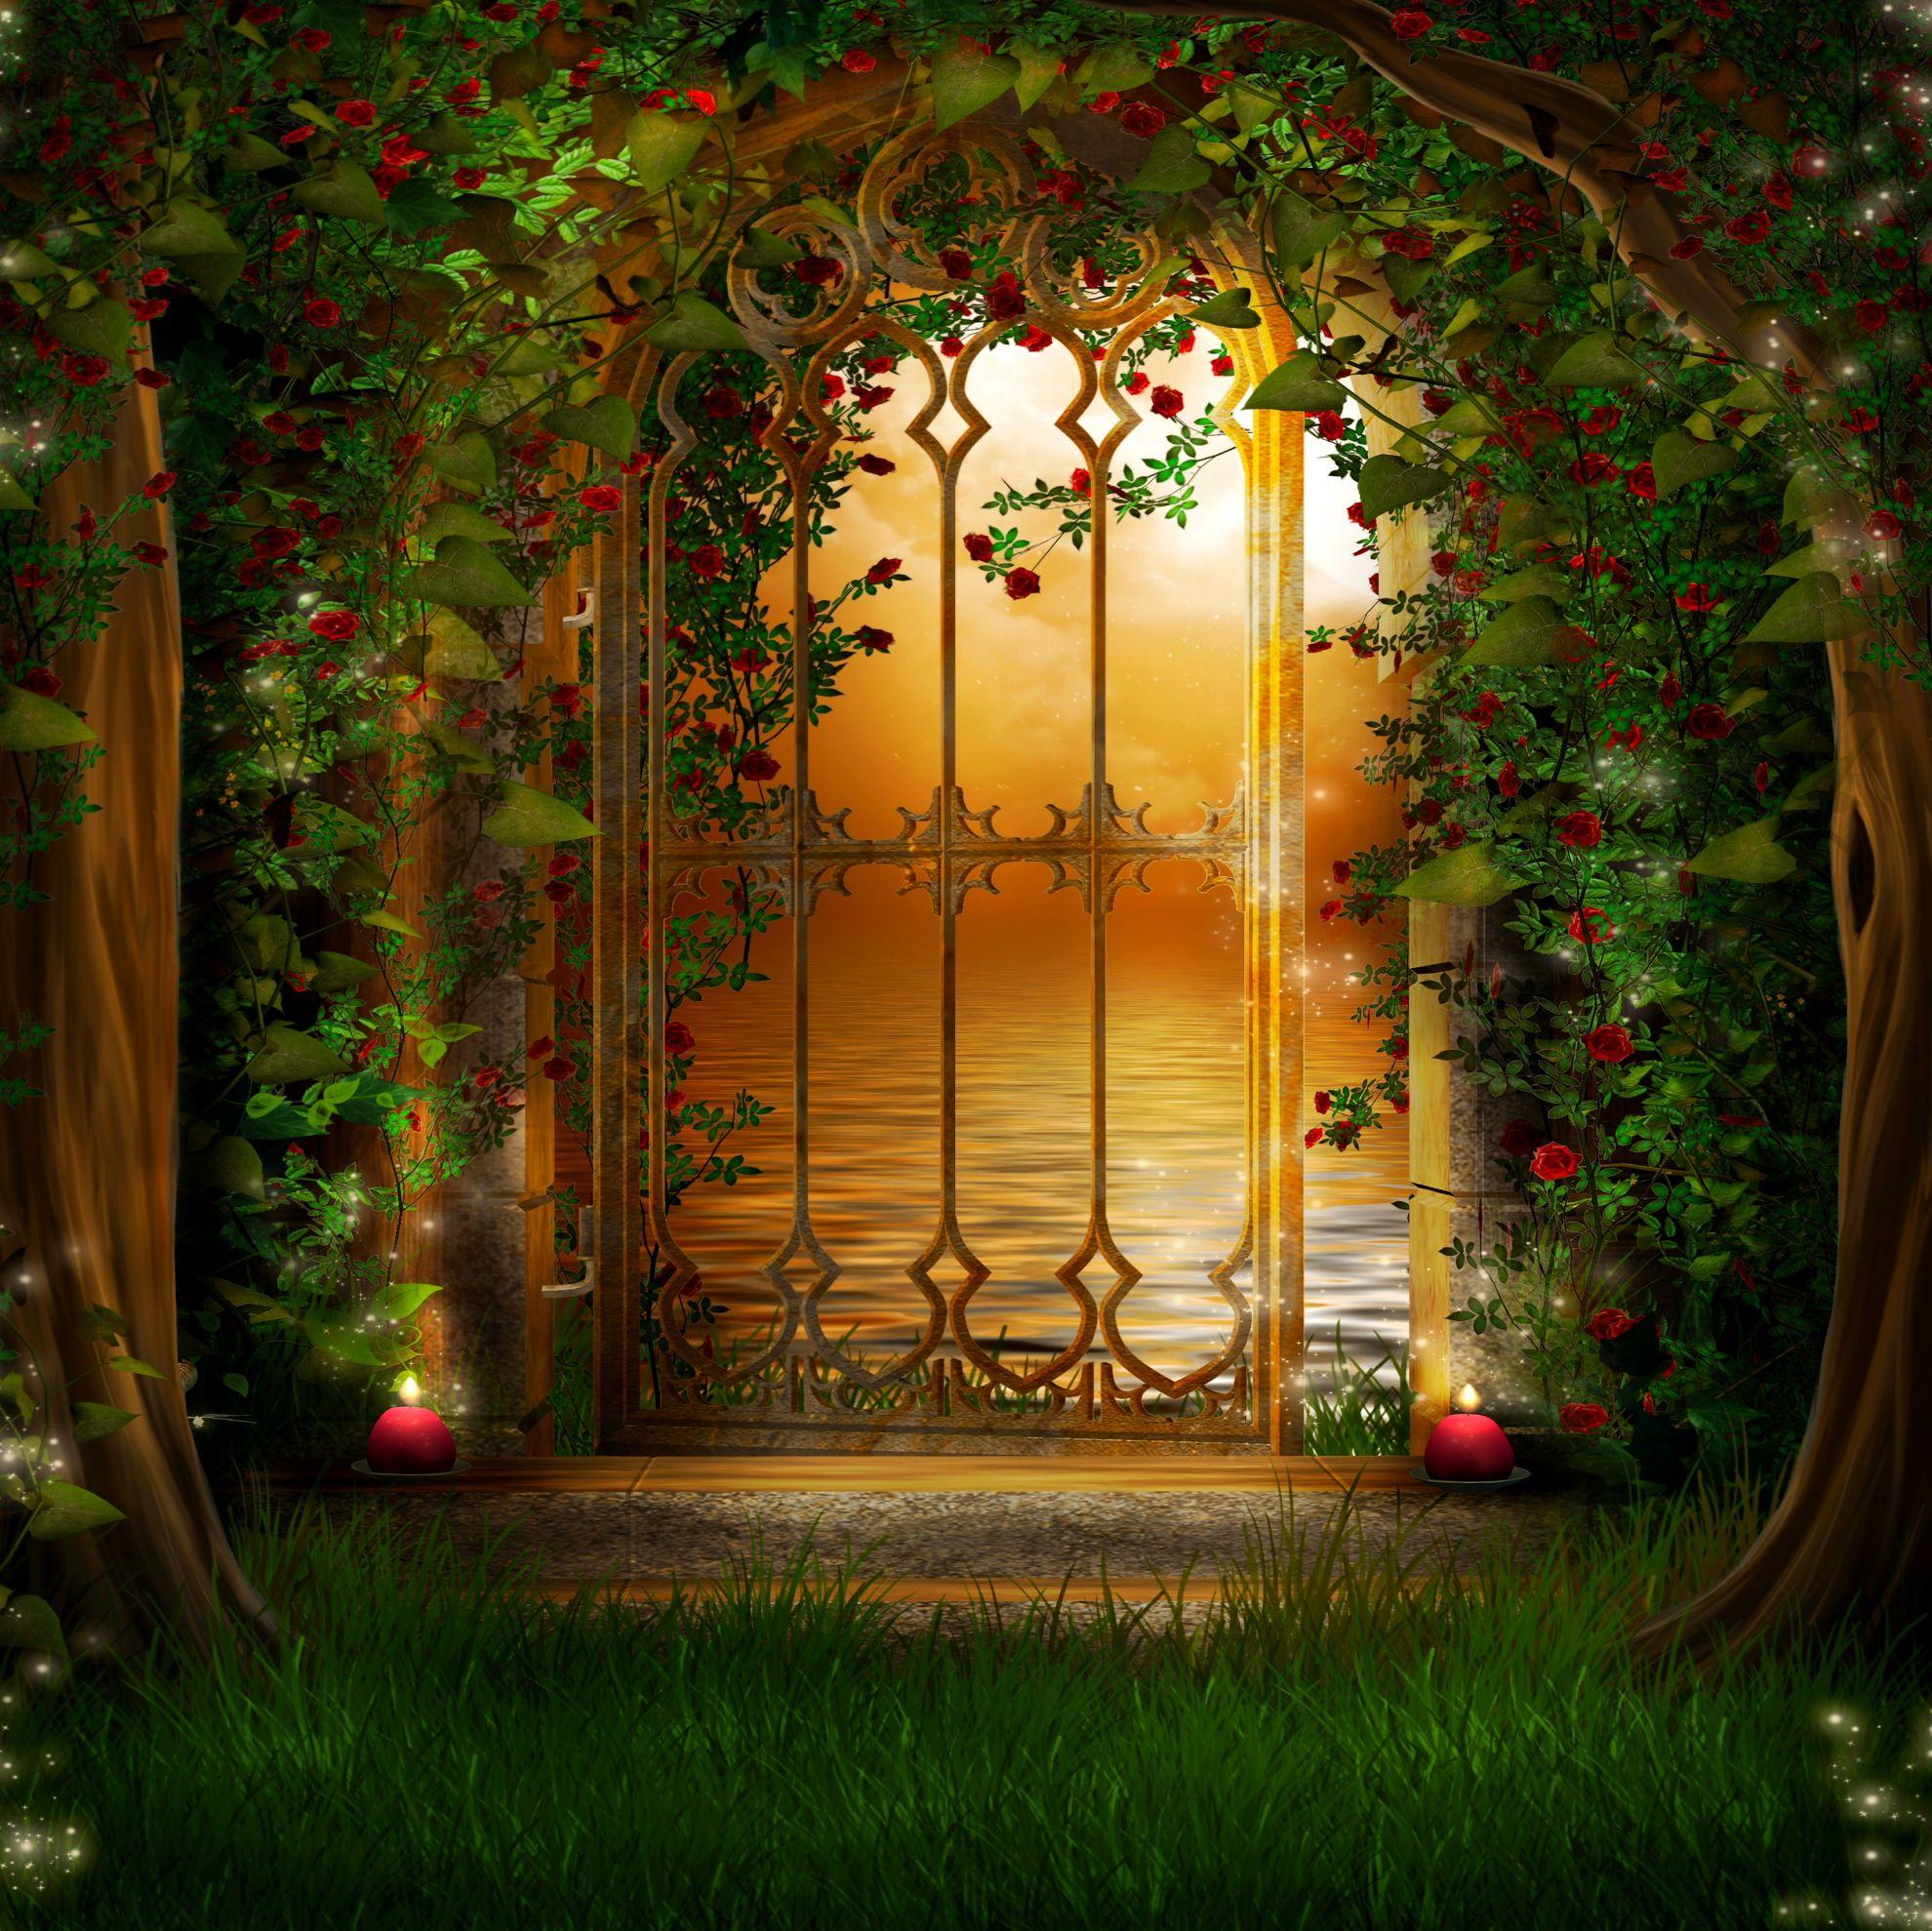 Gateway To The Romantic Garden Wallpaper Eingangsbereich Kunst Fantasie Hintergrund Hintergrund